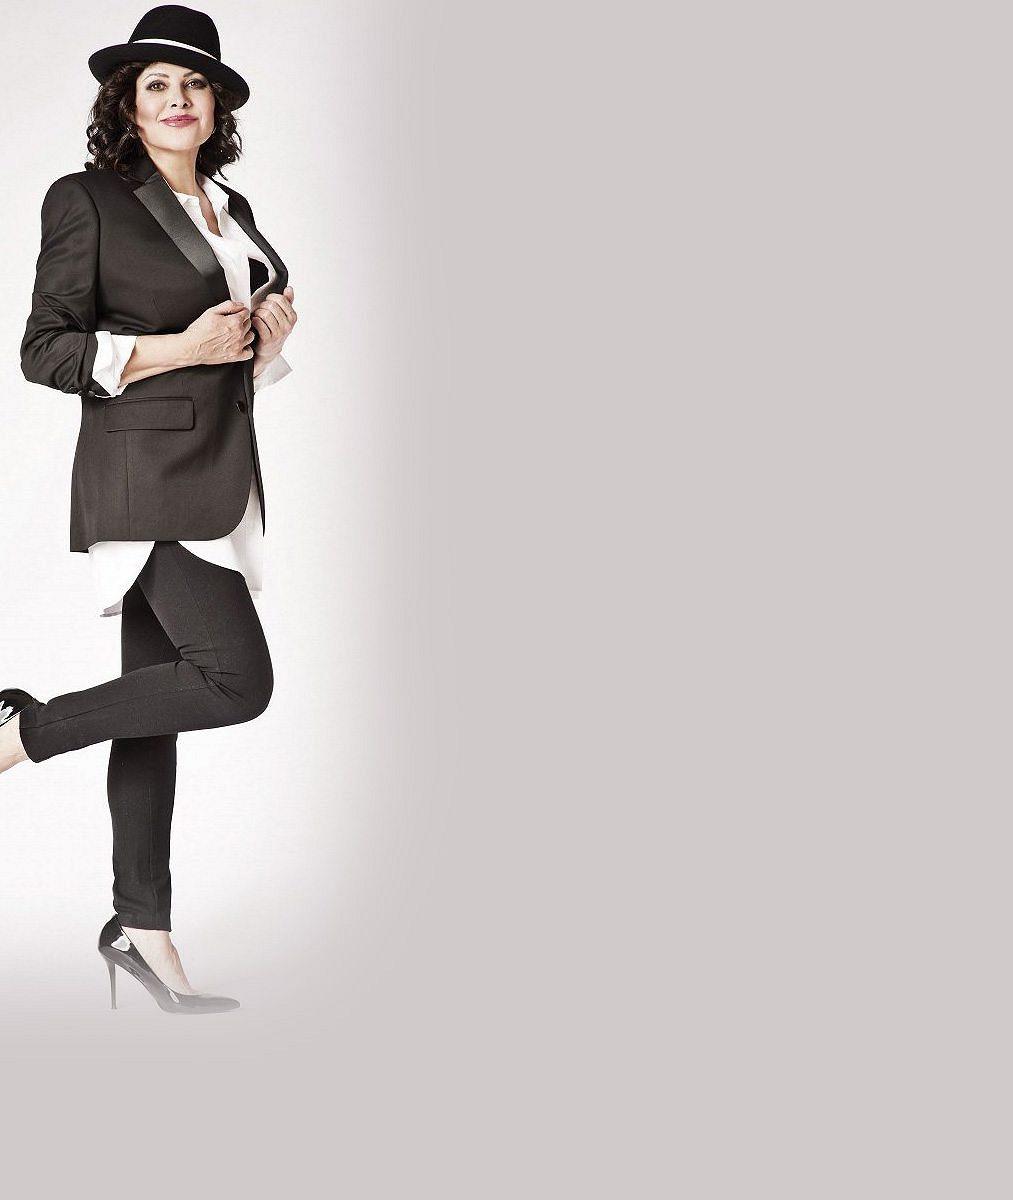 Cylindr dolů za odvahu! Ilona Csáková bez kalhot. Sako doplnila jen punčoškami a vysokými kozačkami